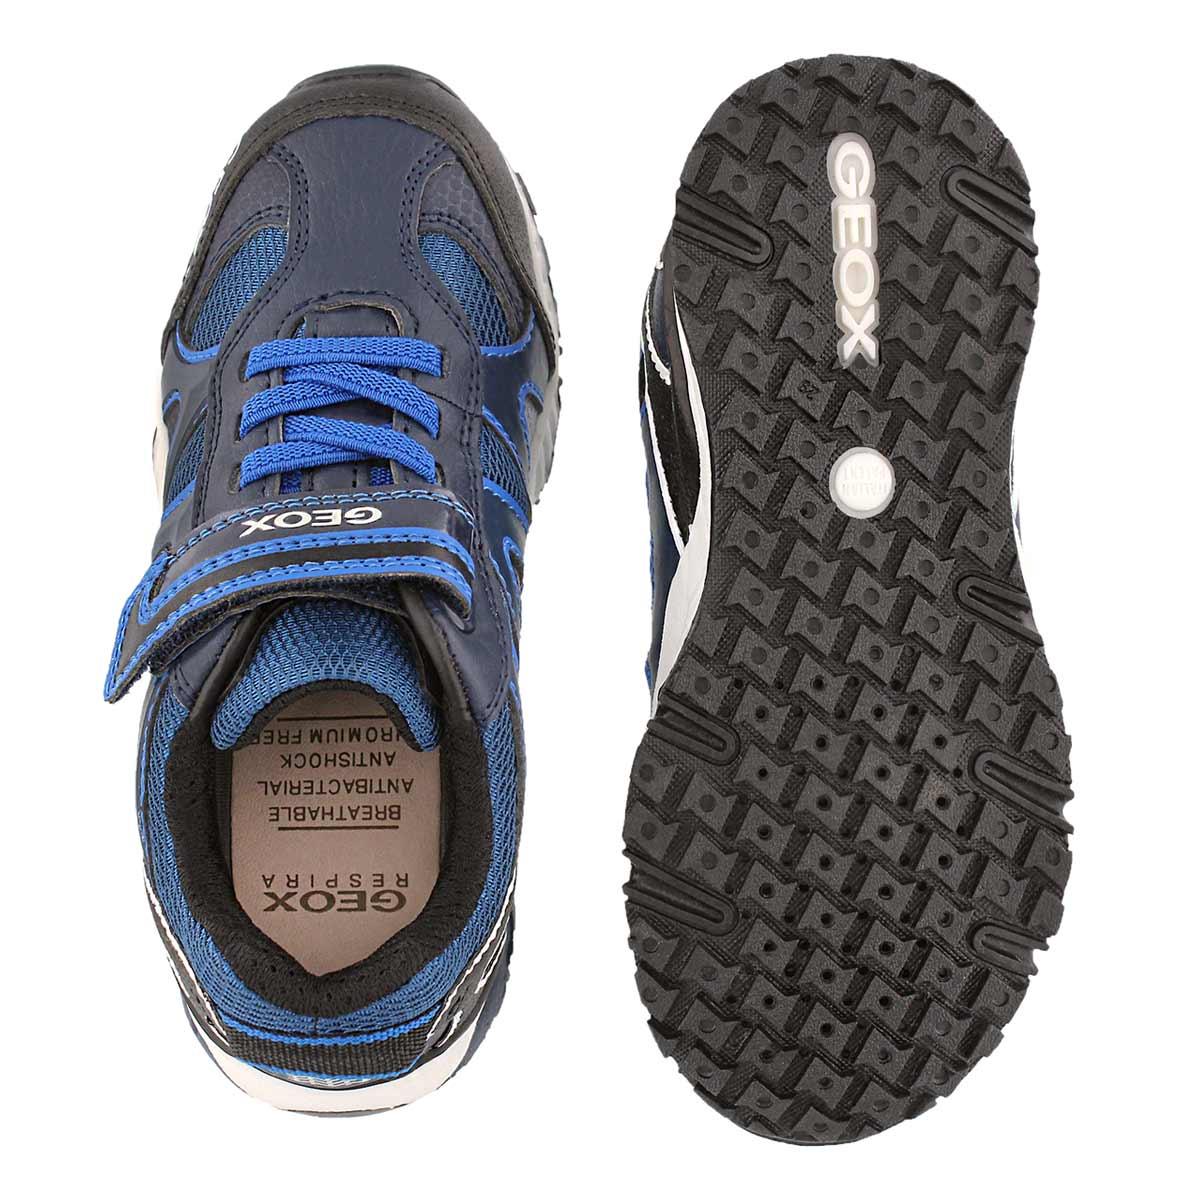 Bys Bernie nvy/royal 2 strap sneaker